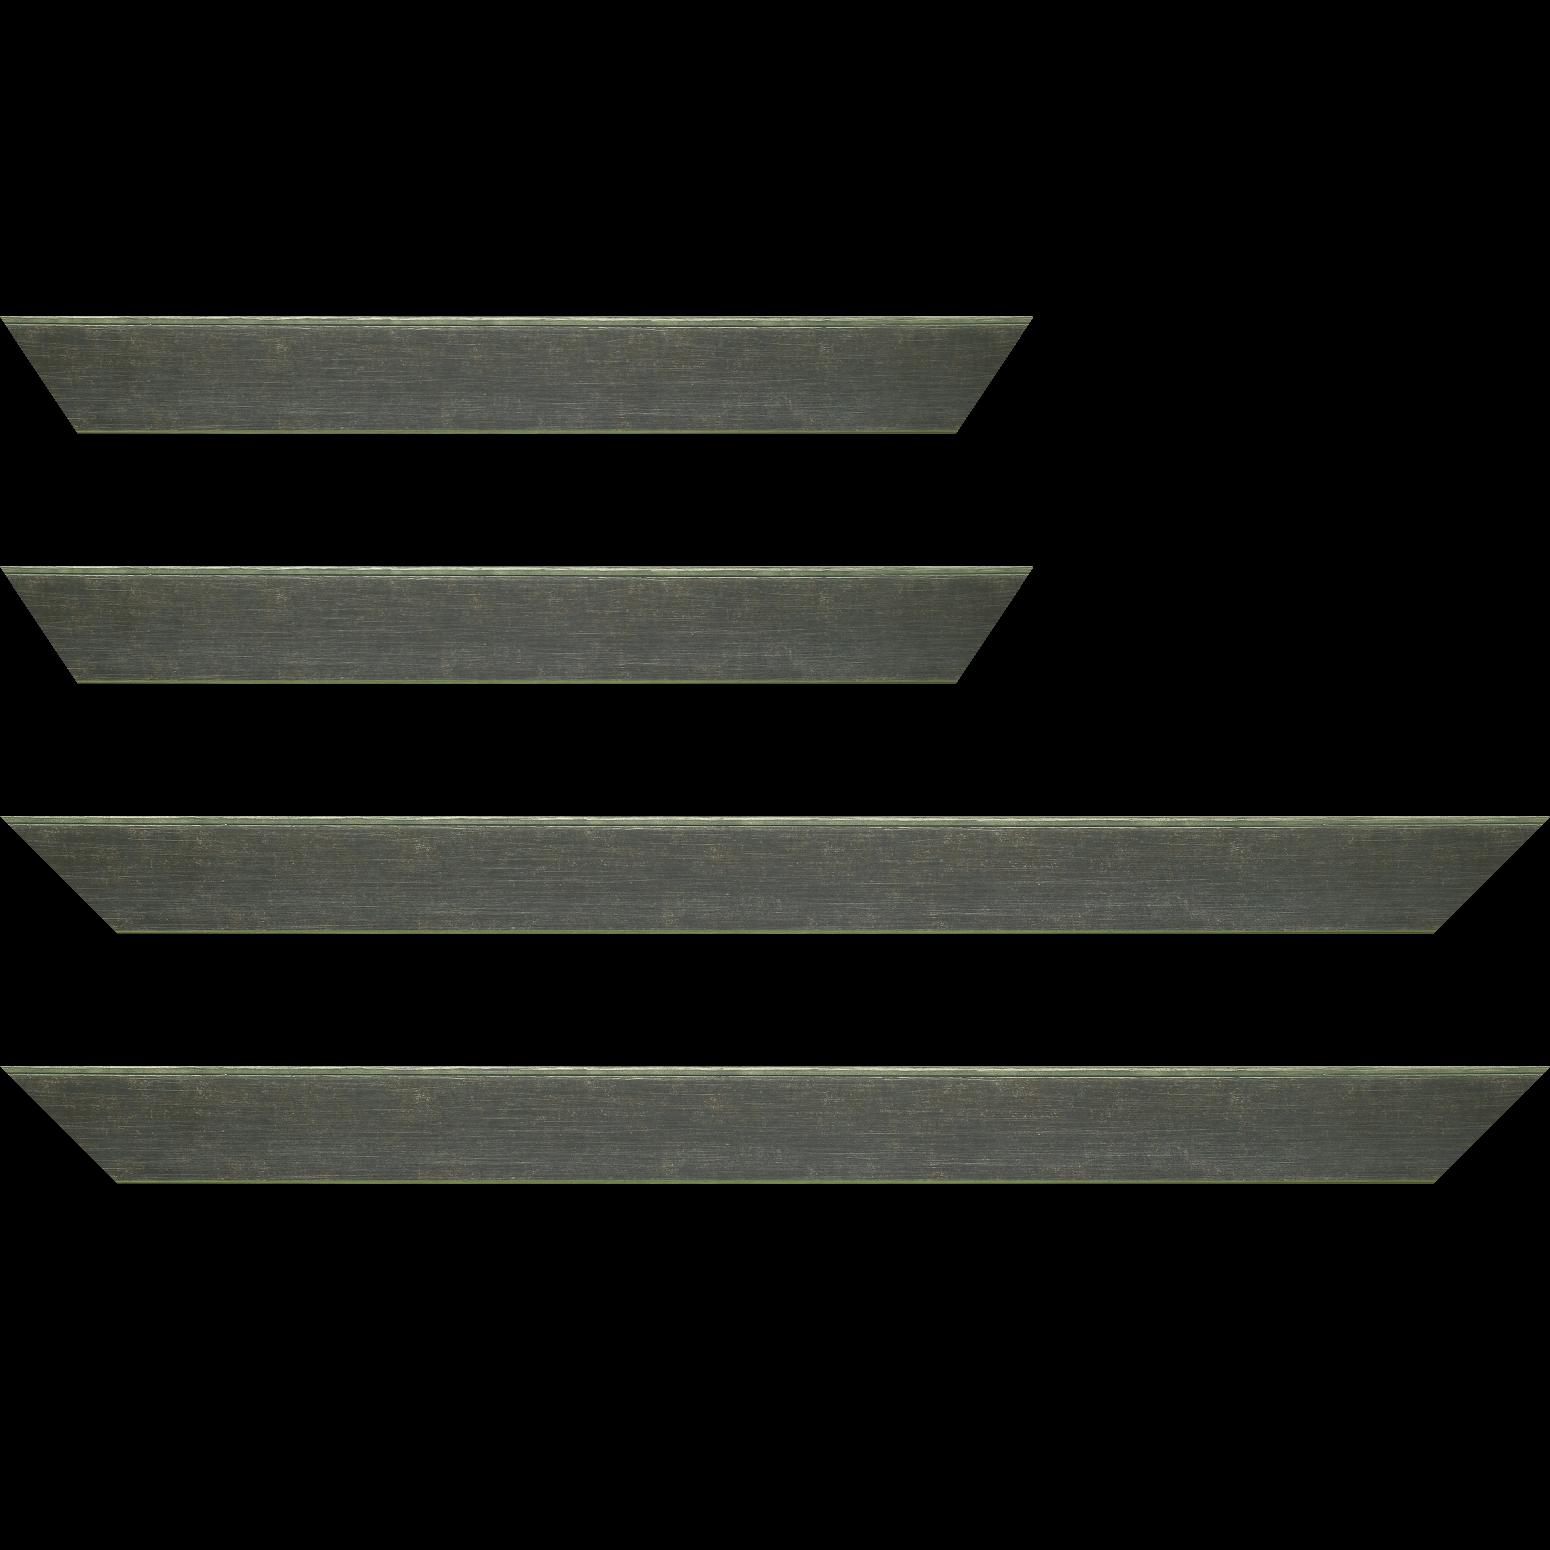 Baguette service précoupé bois profil plat incliné largeur 3.7cm couleur vert foncé effet ressuyé